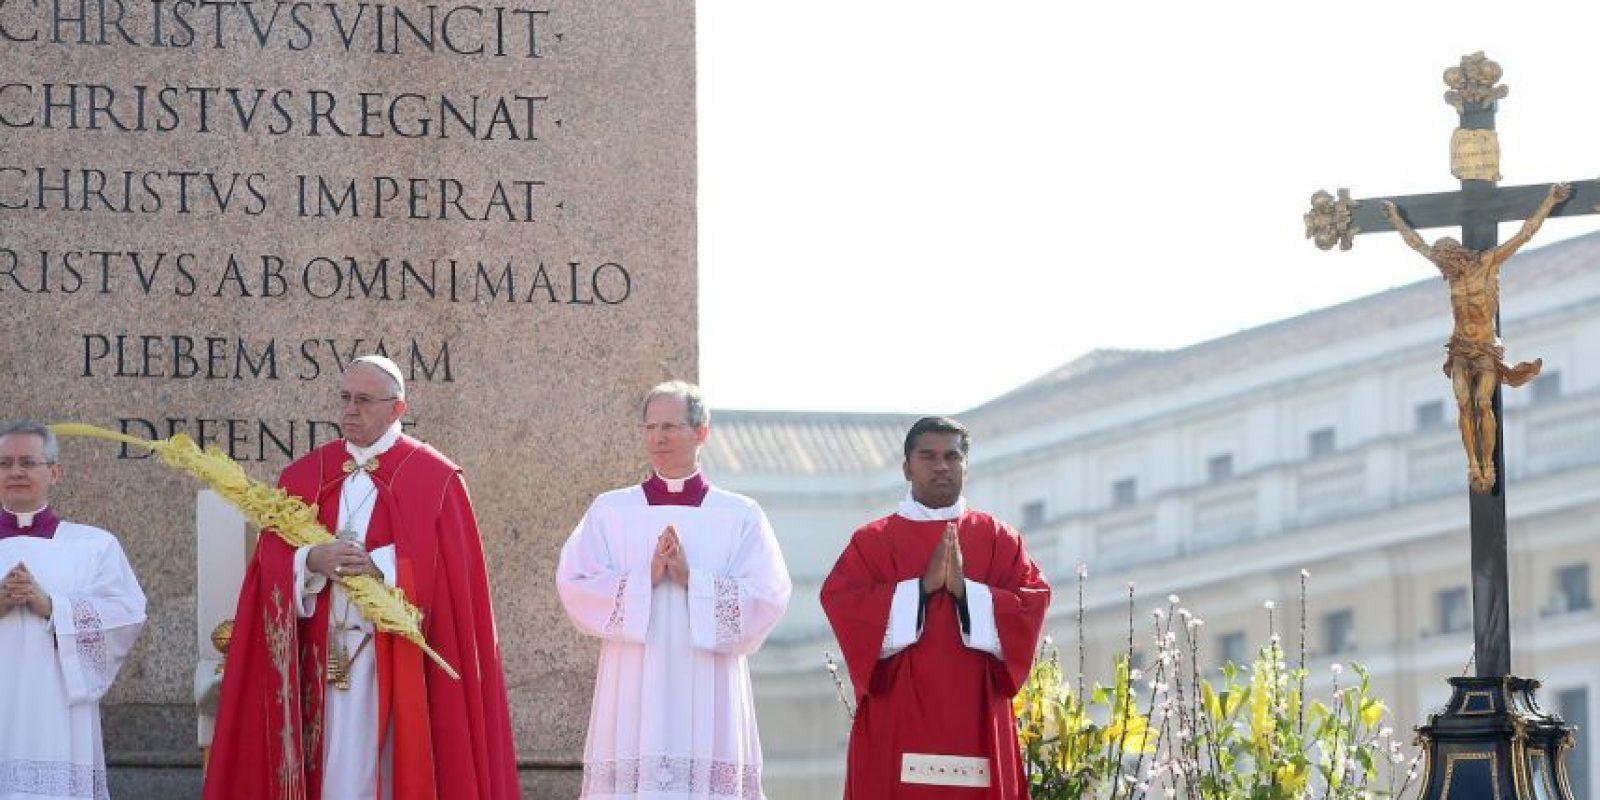 Con el objetivo de propagar los escritos de la Biblia Foto:Getty Images